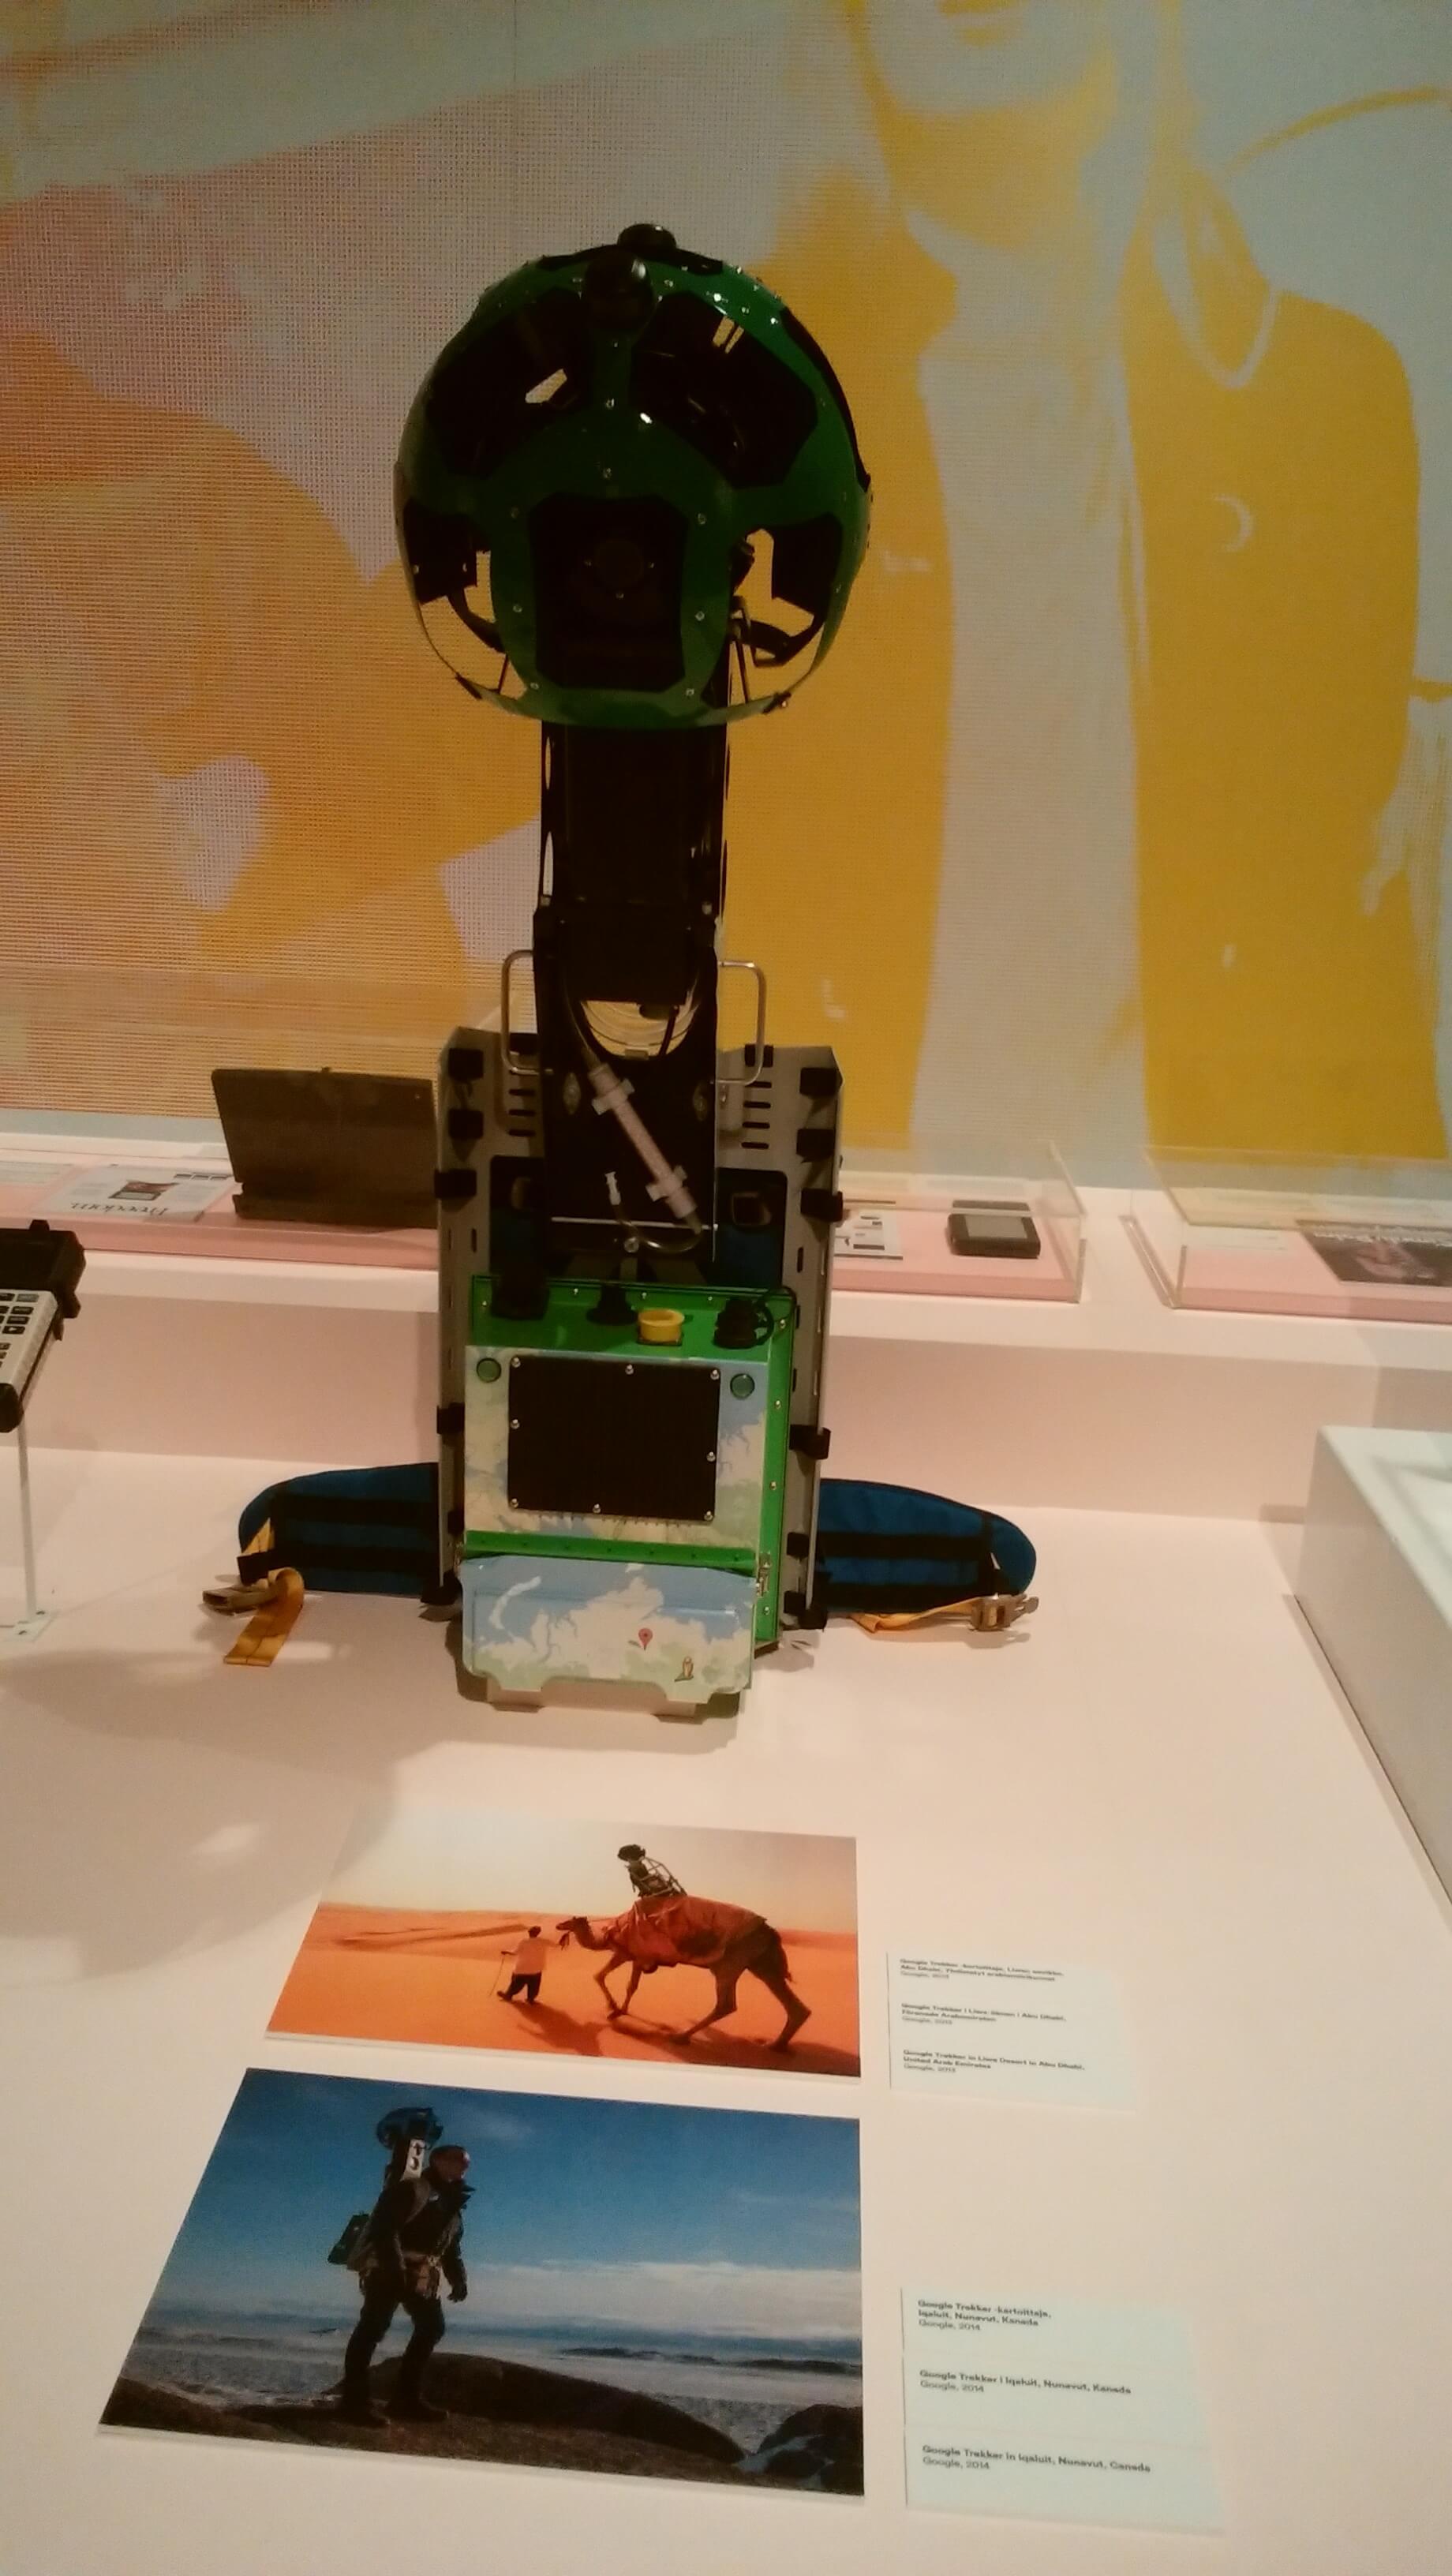 グーグルマップのストリートビューの撮影スタッフが背負う機械